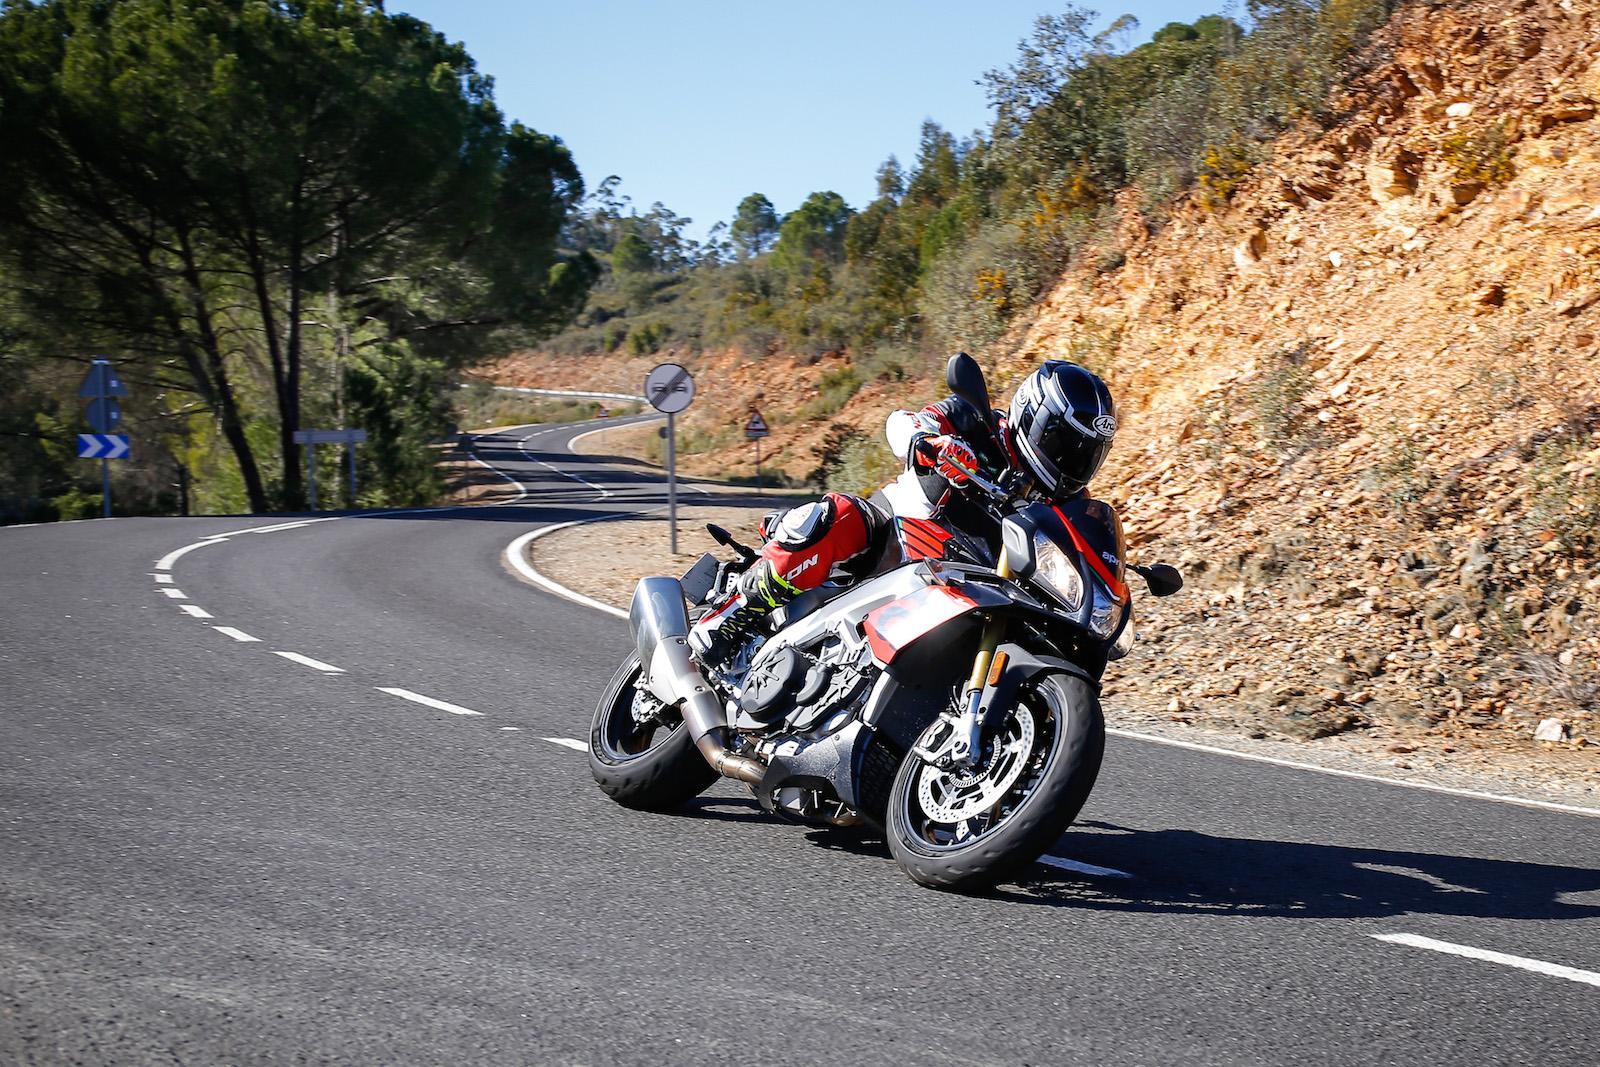 Michelin Road 5 Tuono V4 on road